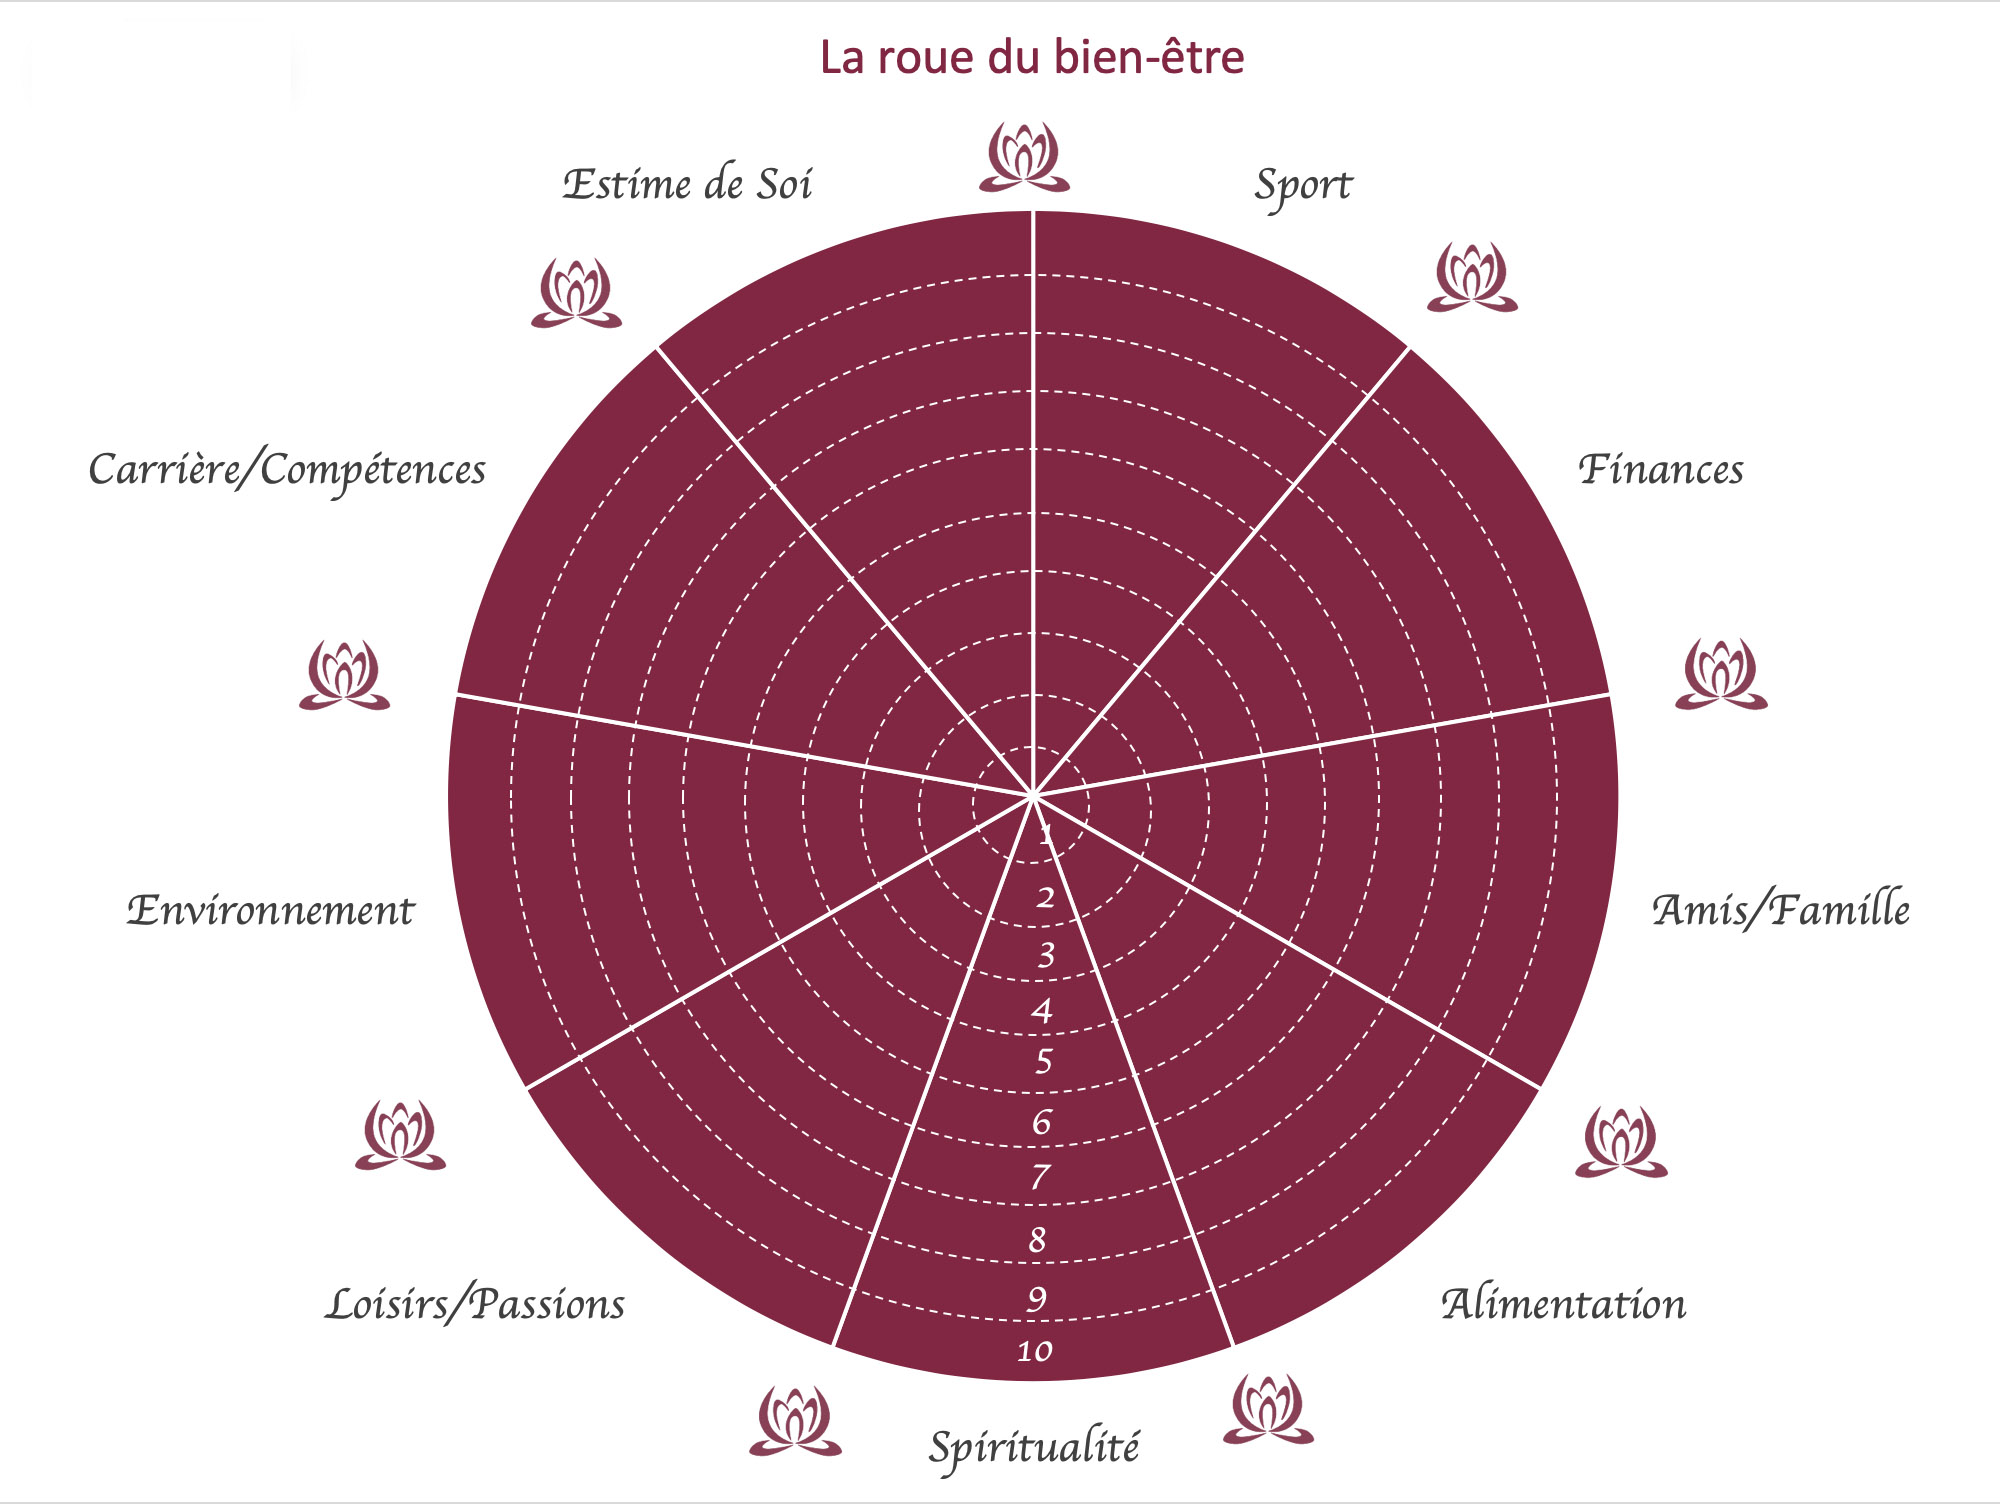 La roue du bien-être